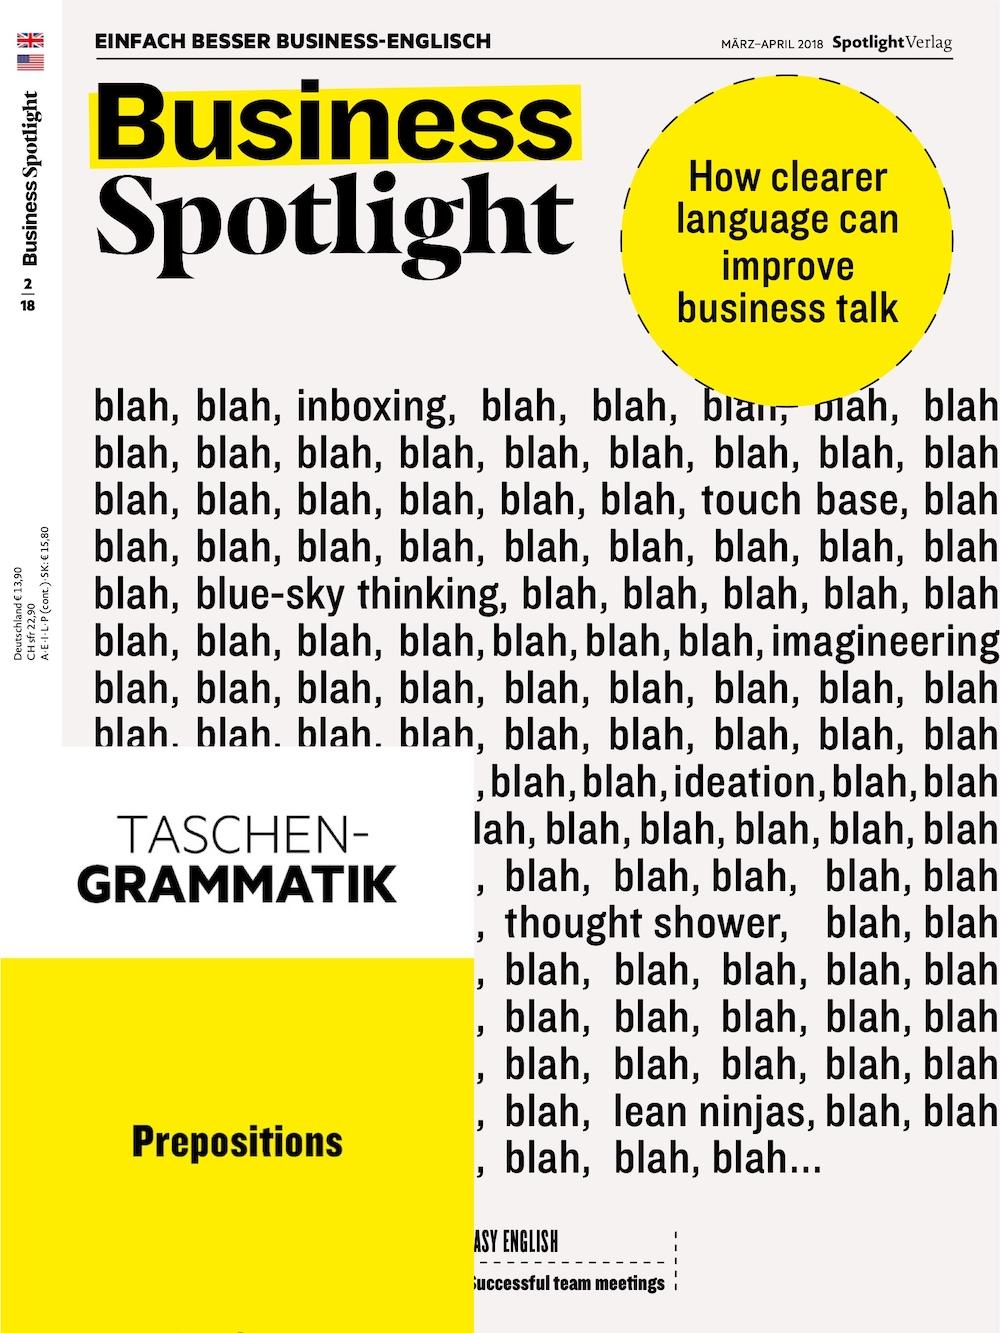 Business Spotlight 2018-03-04